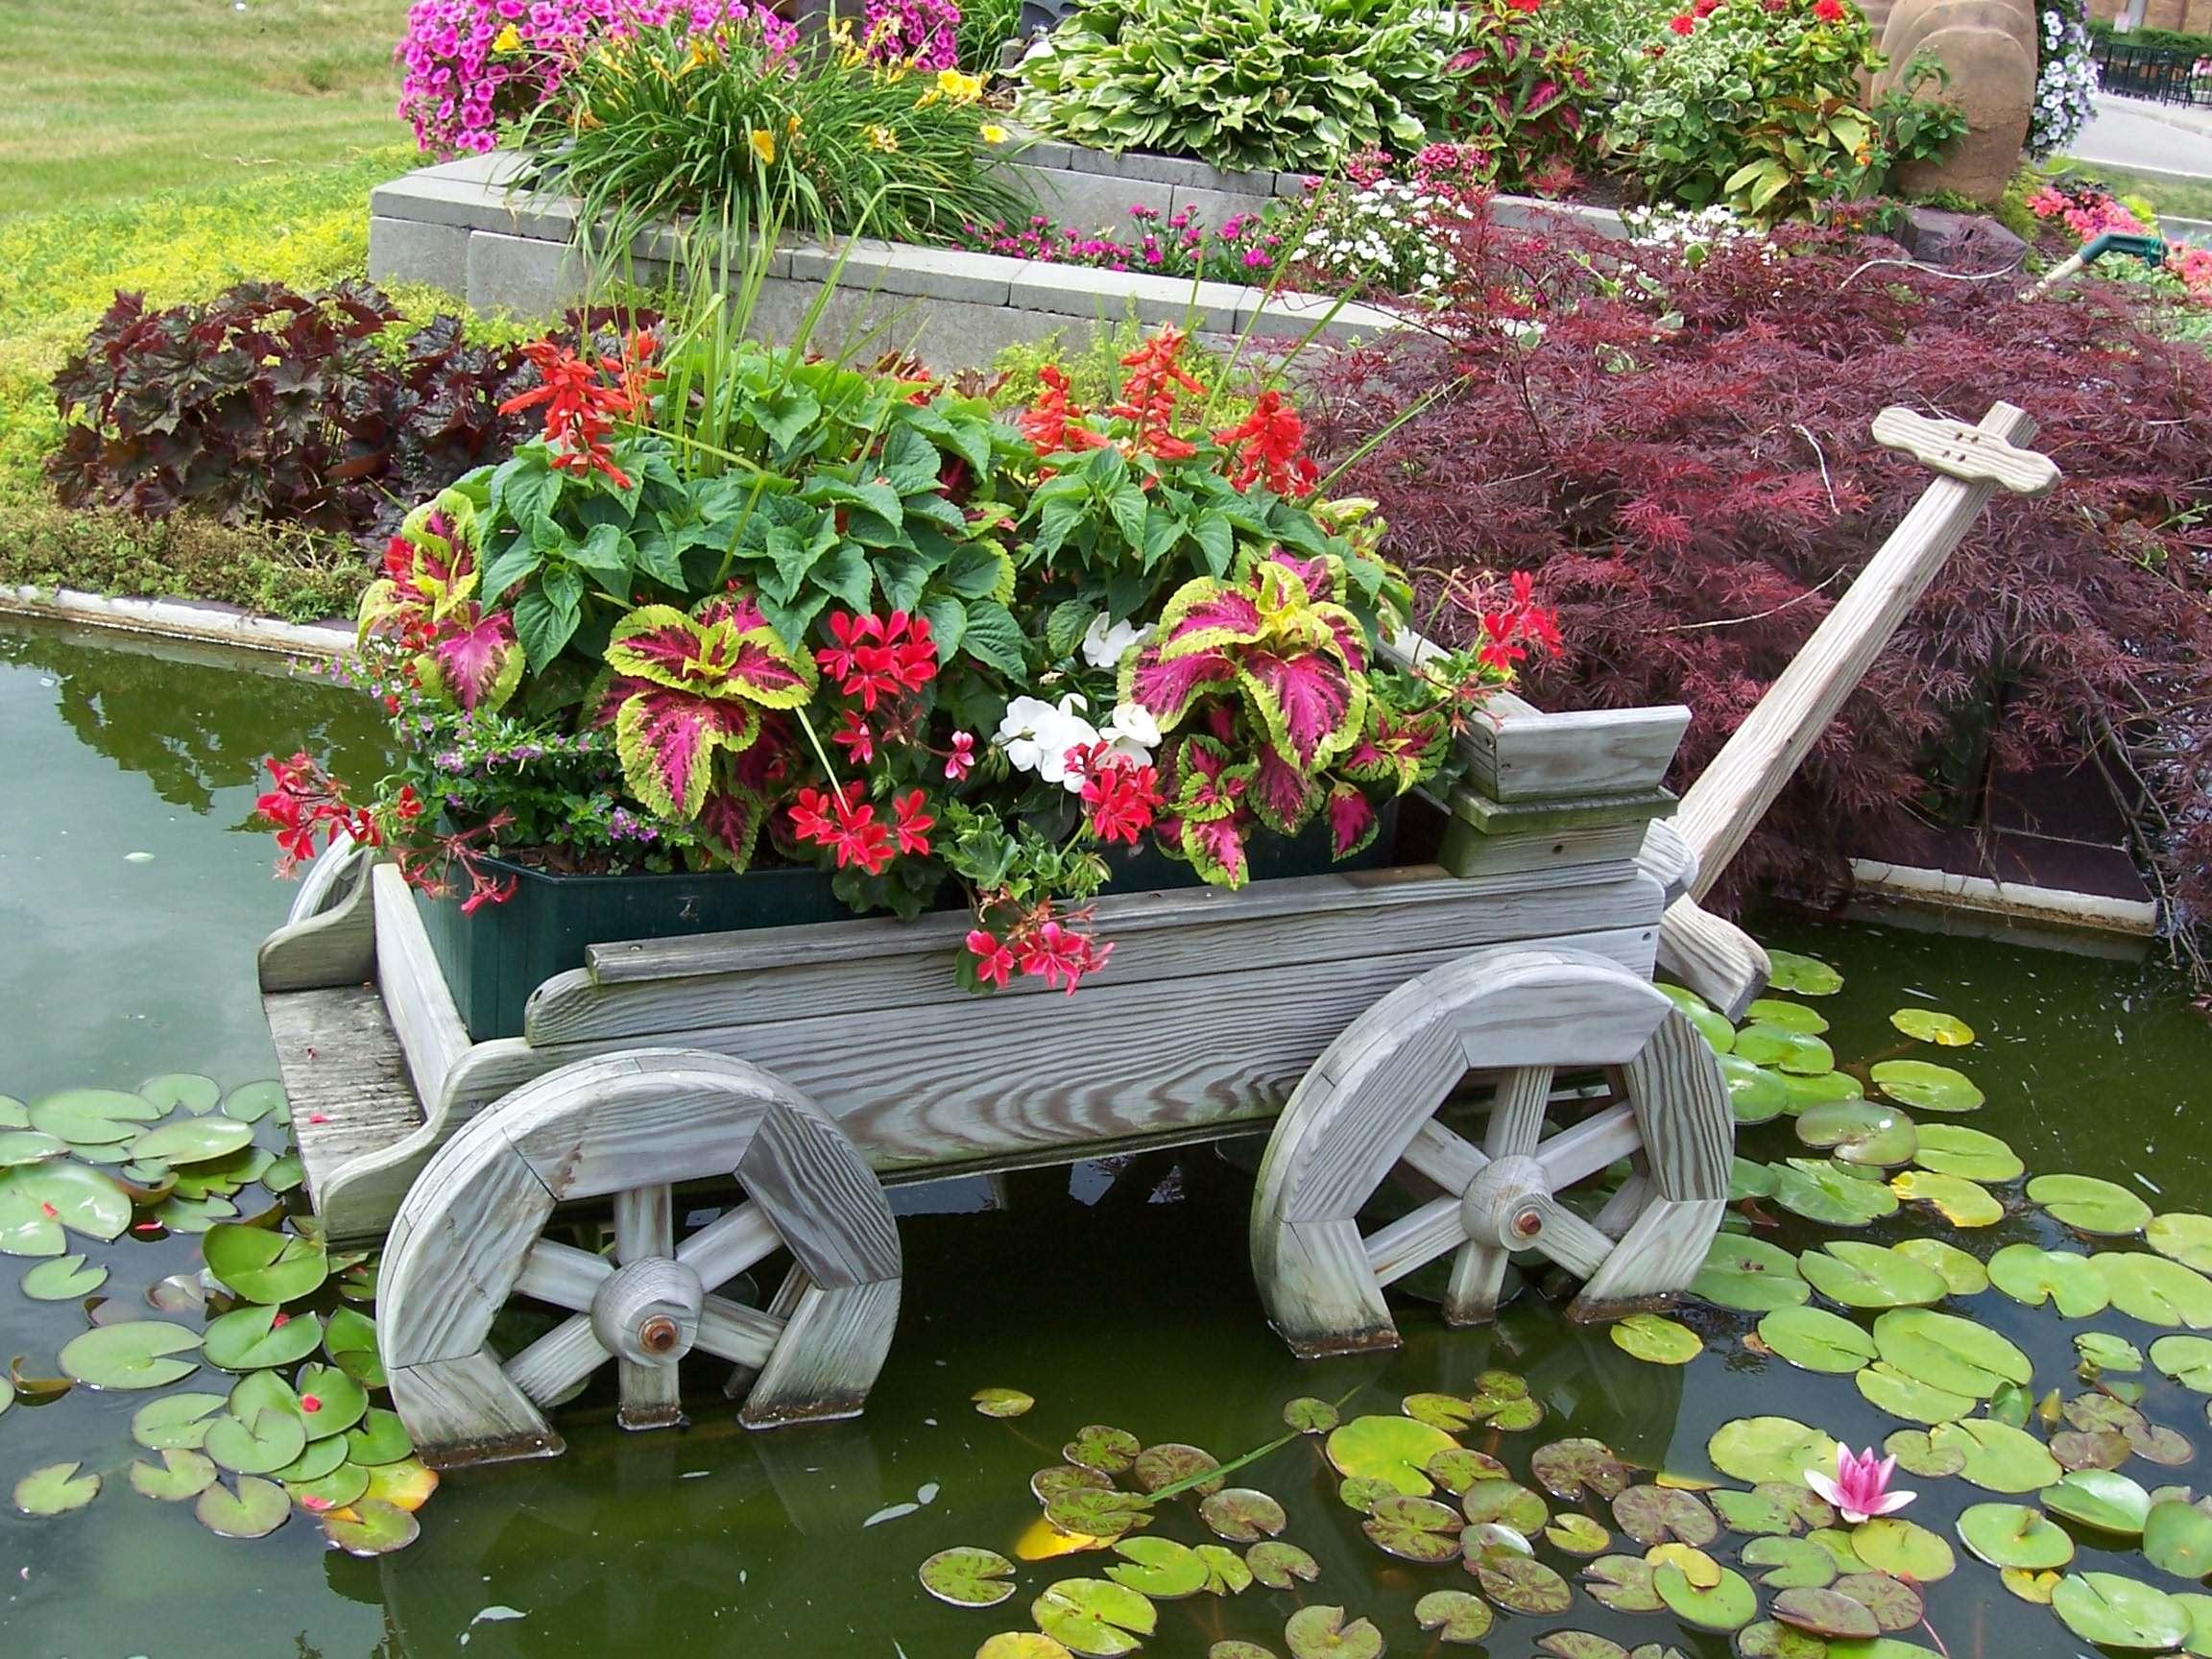 Картинки поделок для сада своими руками